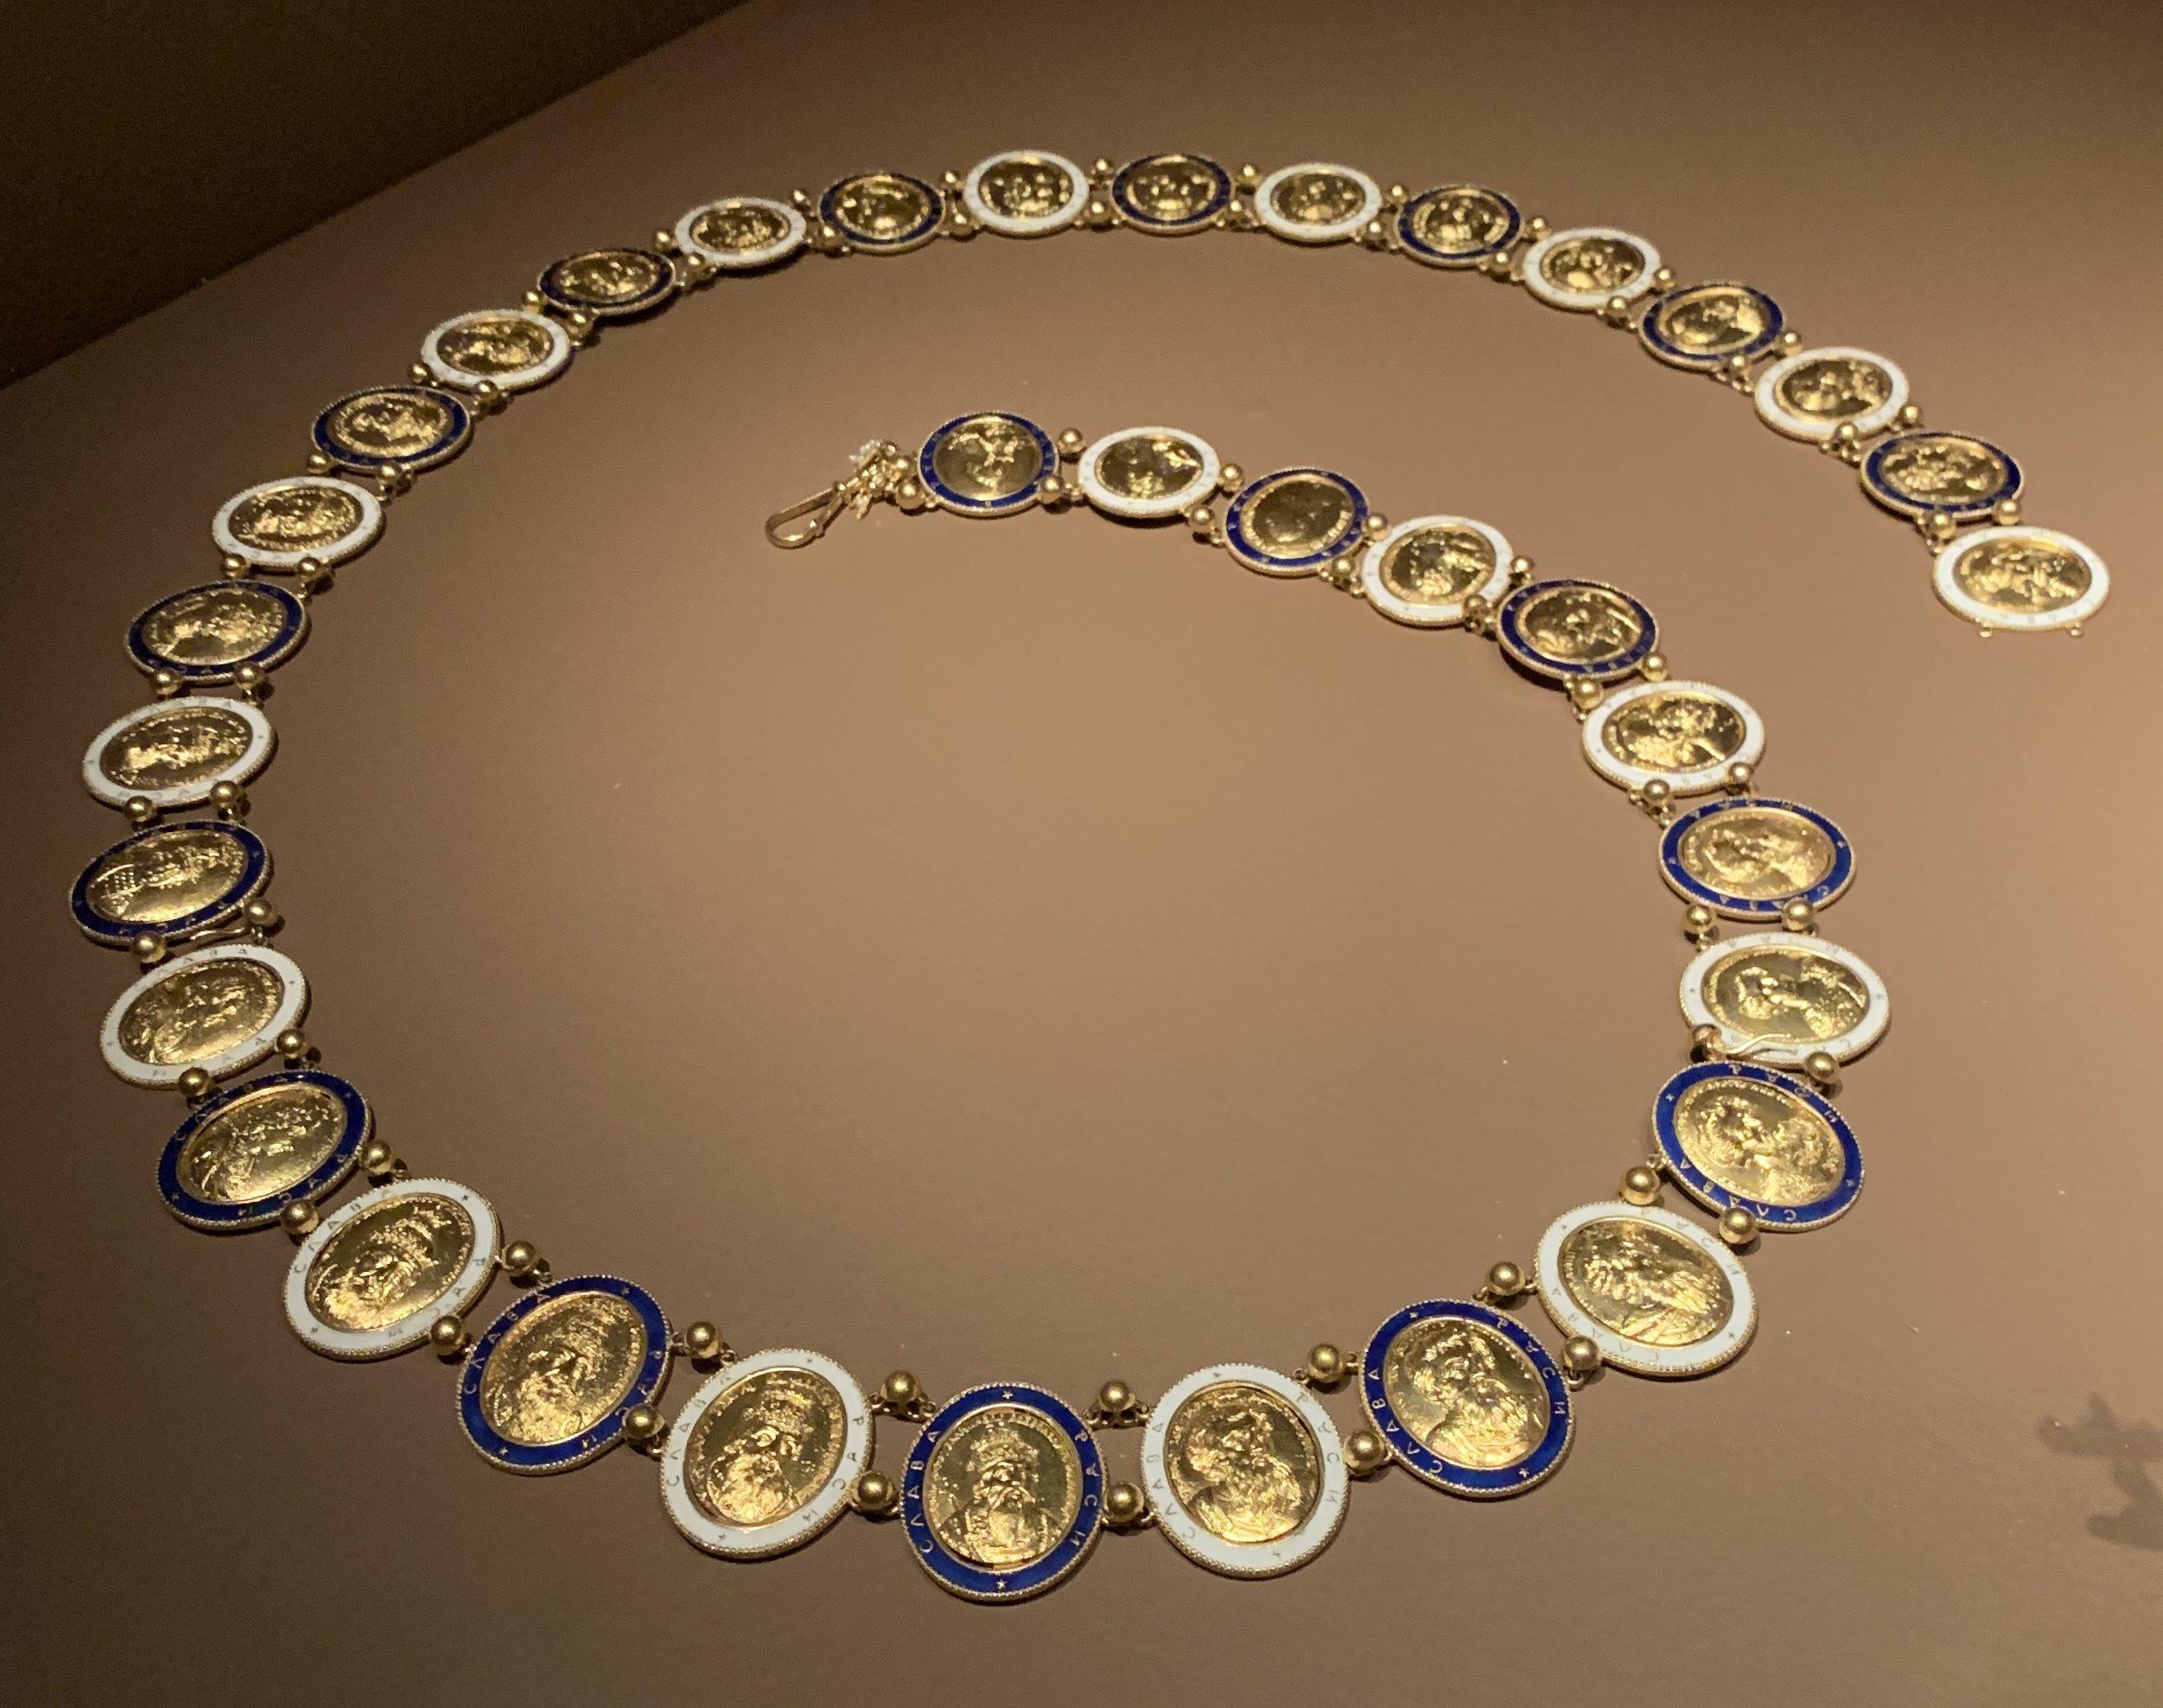 Juwelen! Hermitage Amsterdam, 2019. Ketting, circa 1780-1850. Foto met dank aan SAF, Astrid Berens©